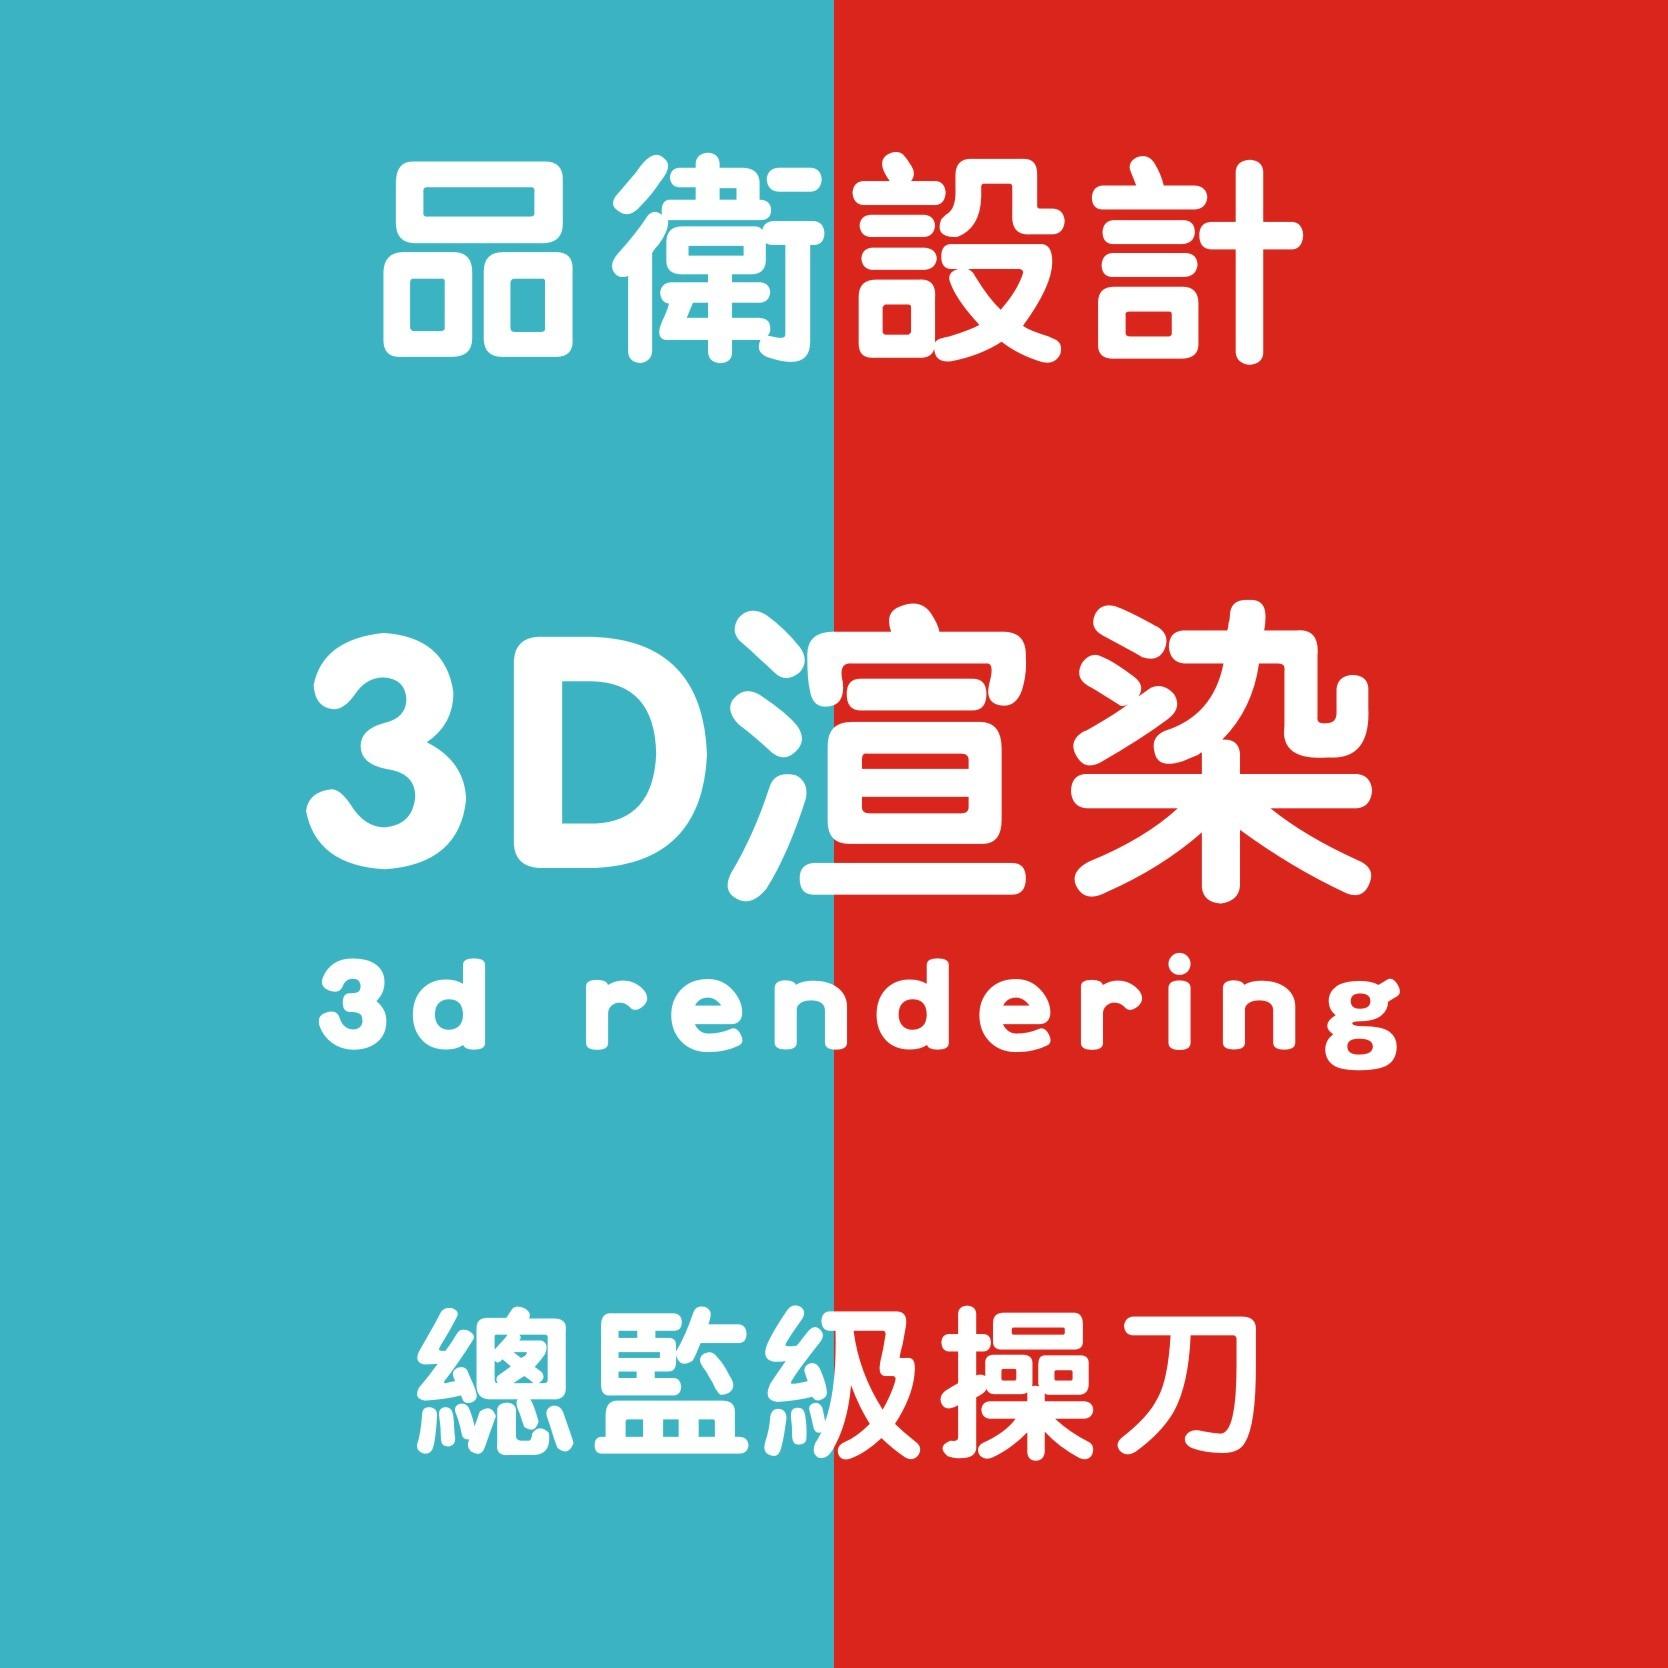 3d效果图/家居渲染/产品设计外包服务/工业设计/产品渲染